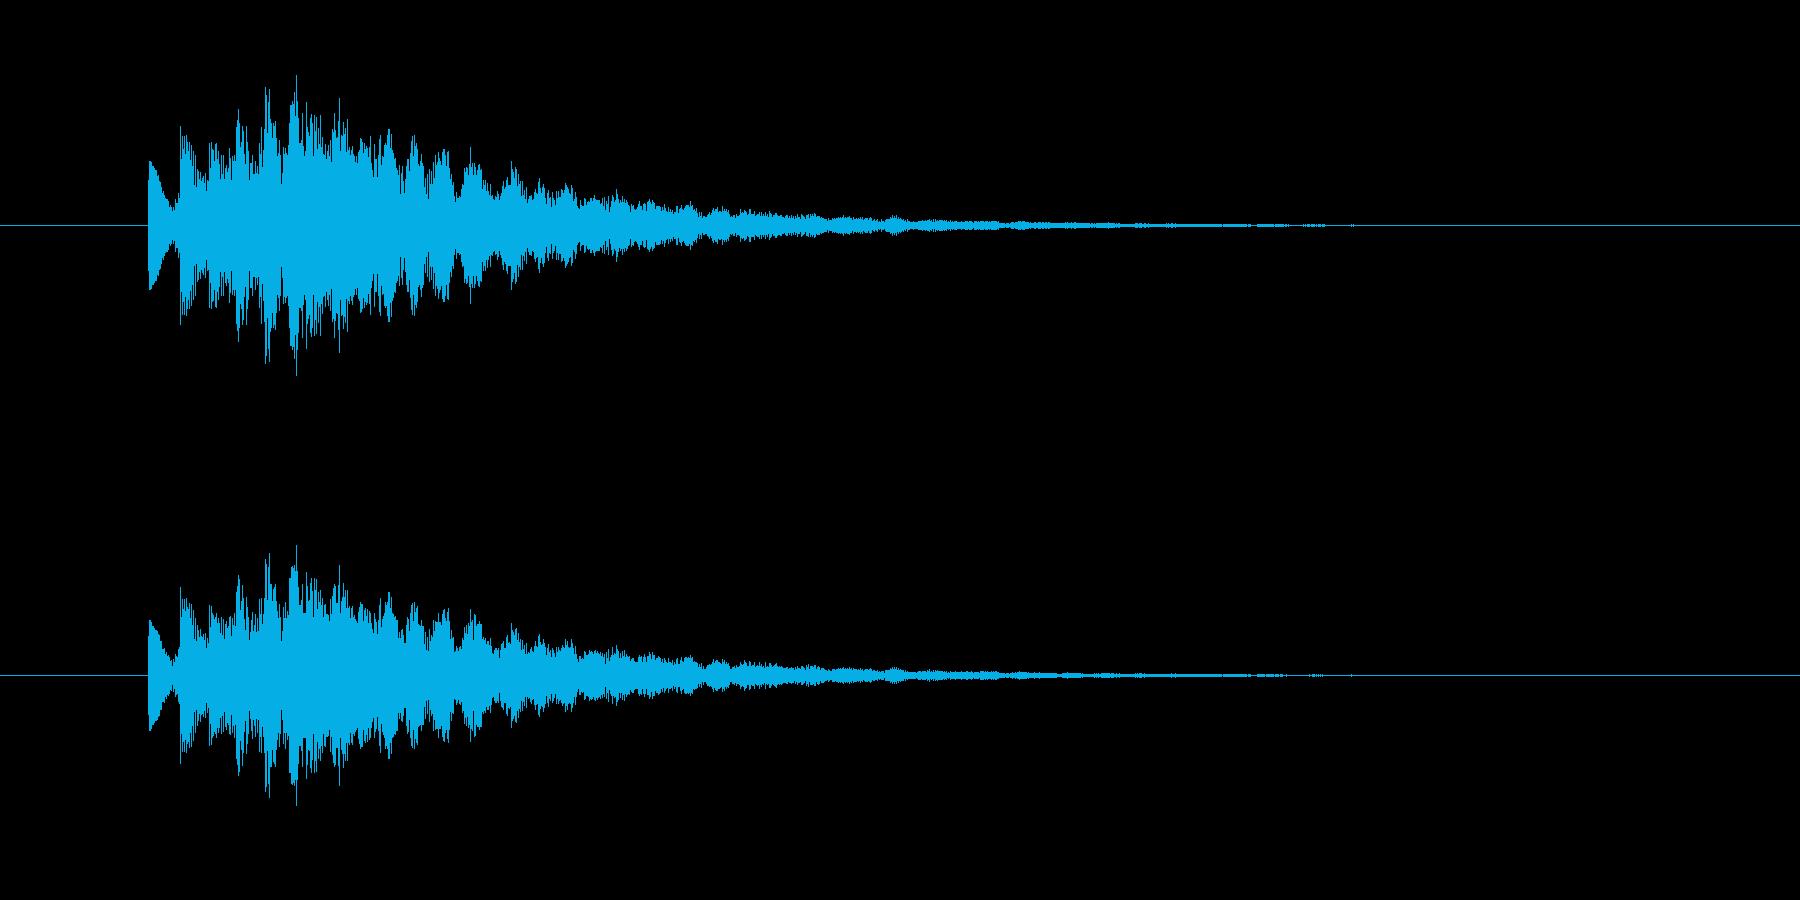 ポロロロン(エレピのジングル)の再生済みの波形